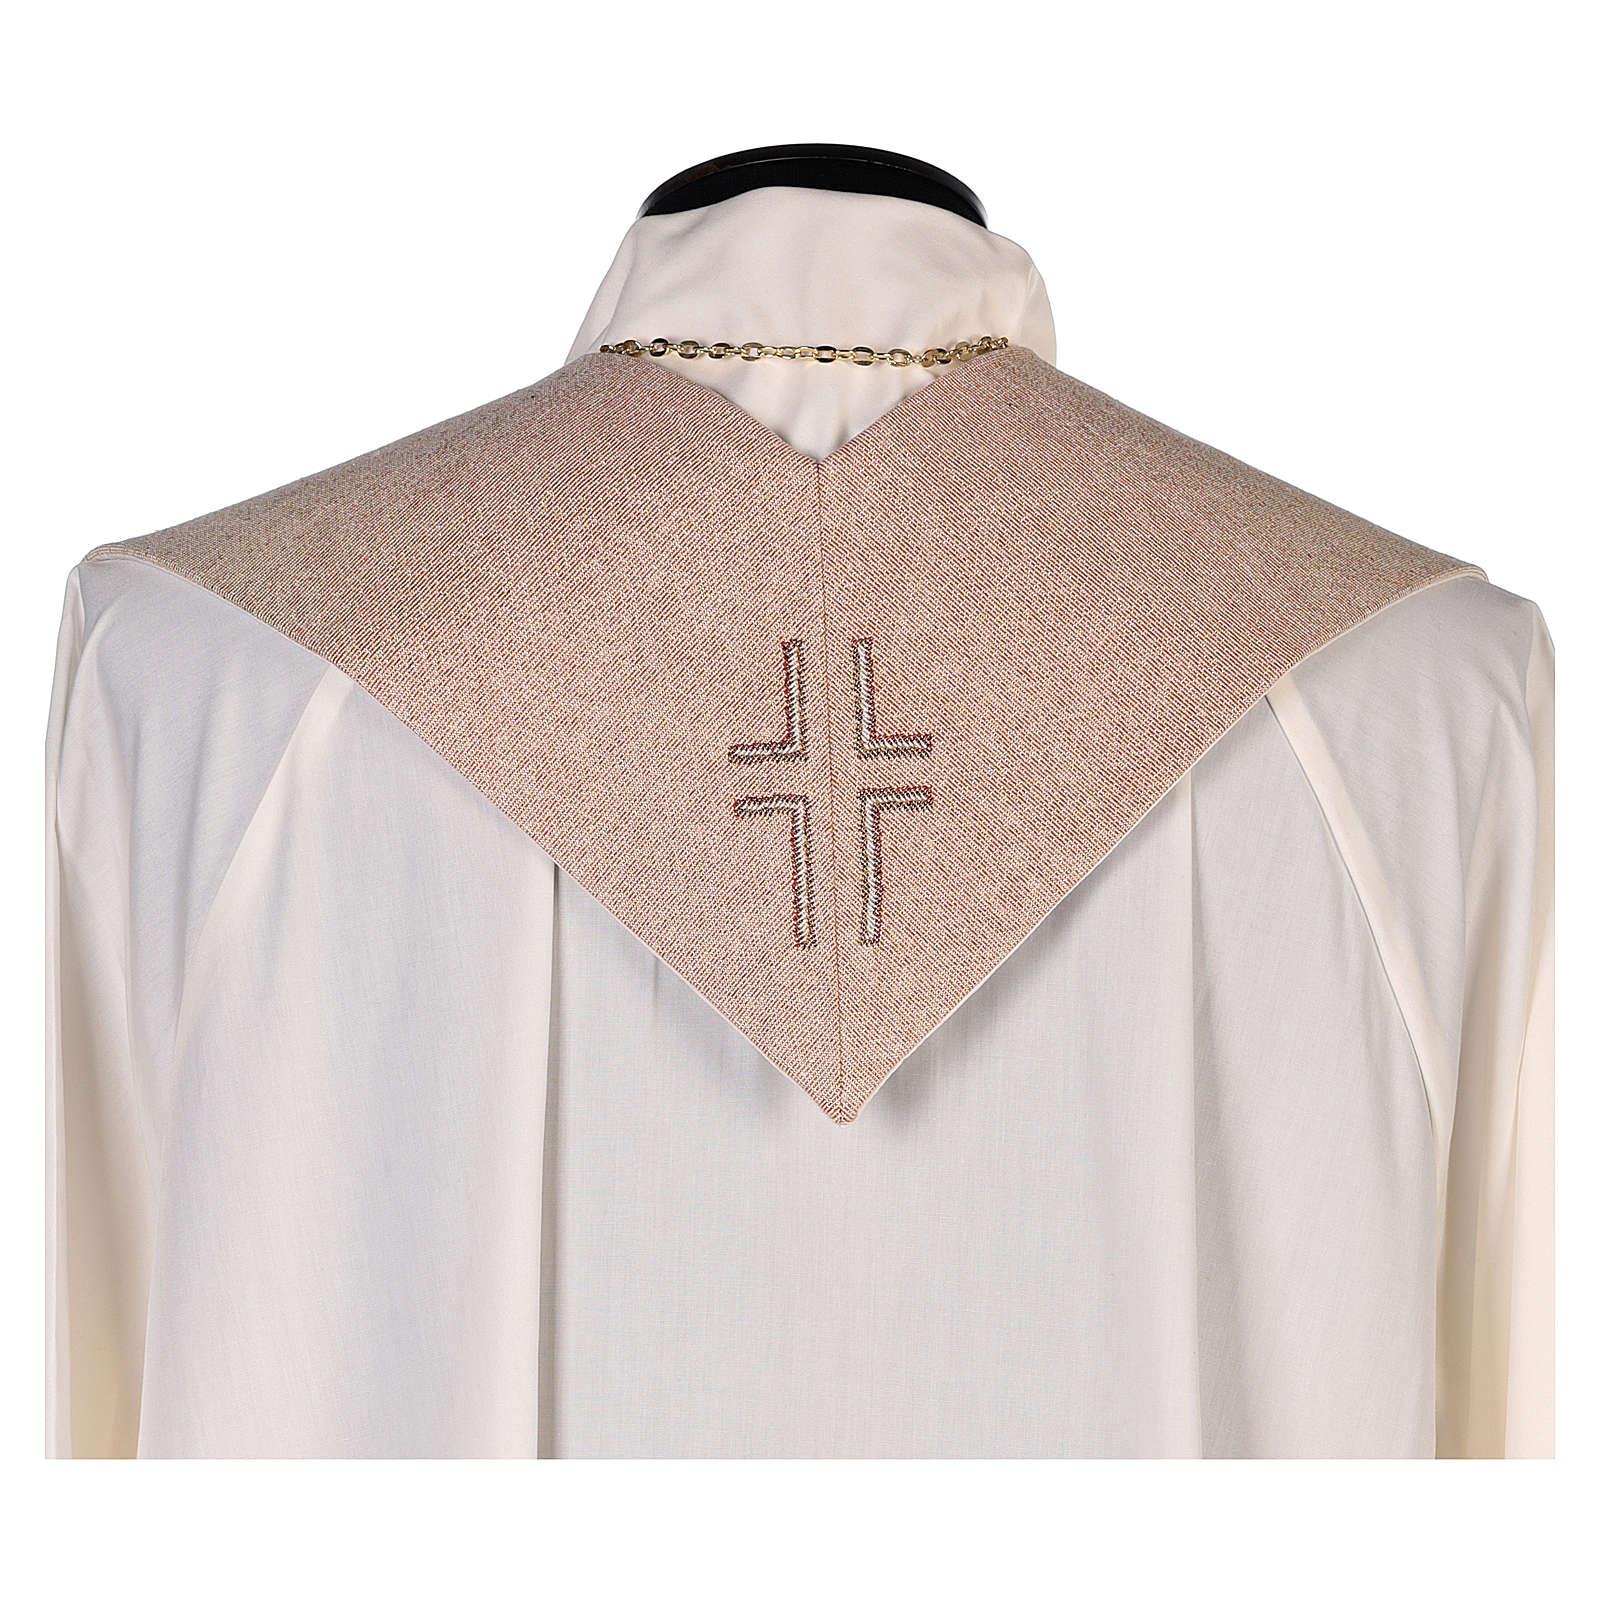 Étole Notre-Dame du Perpétuel Secours symbole marial beige 4